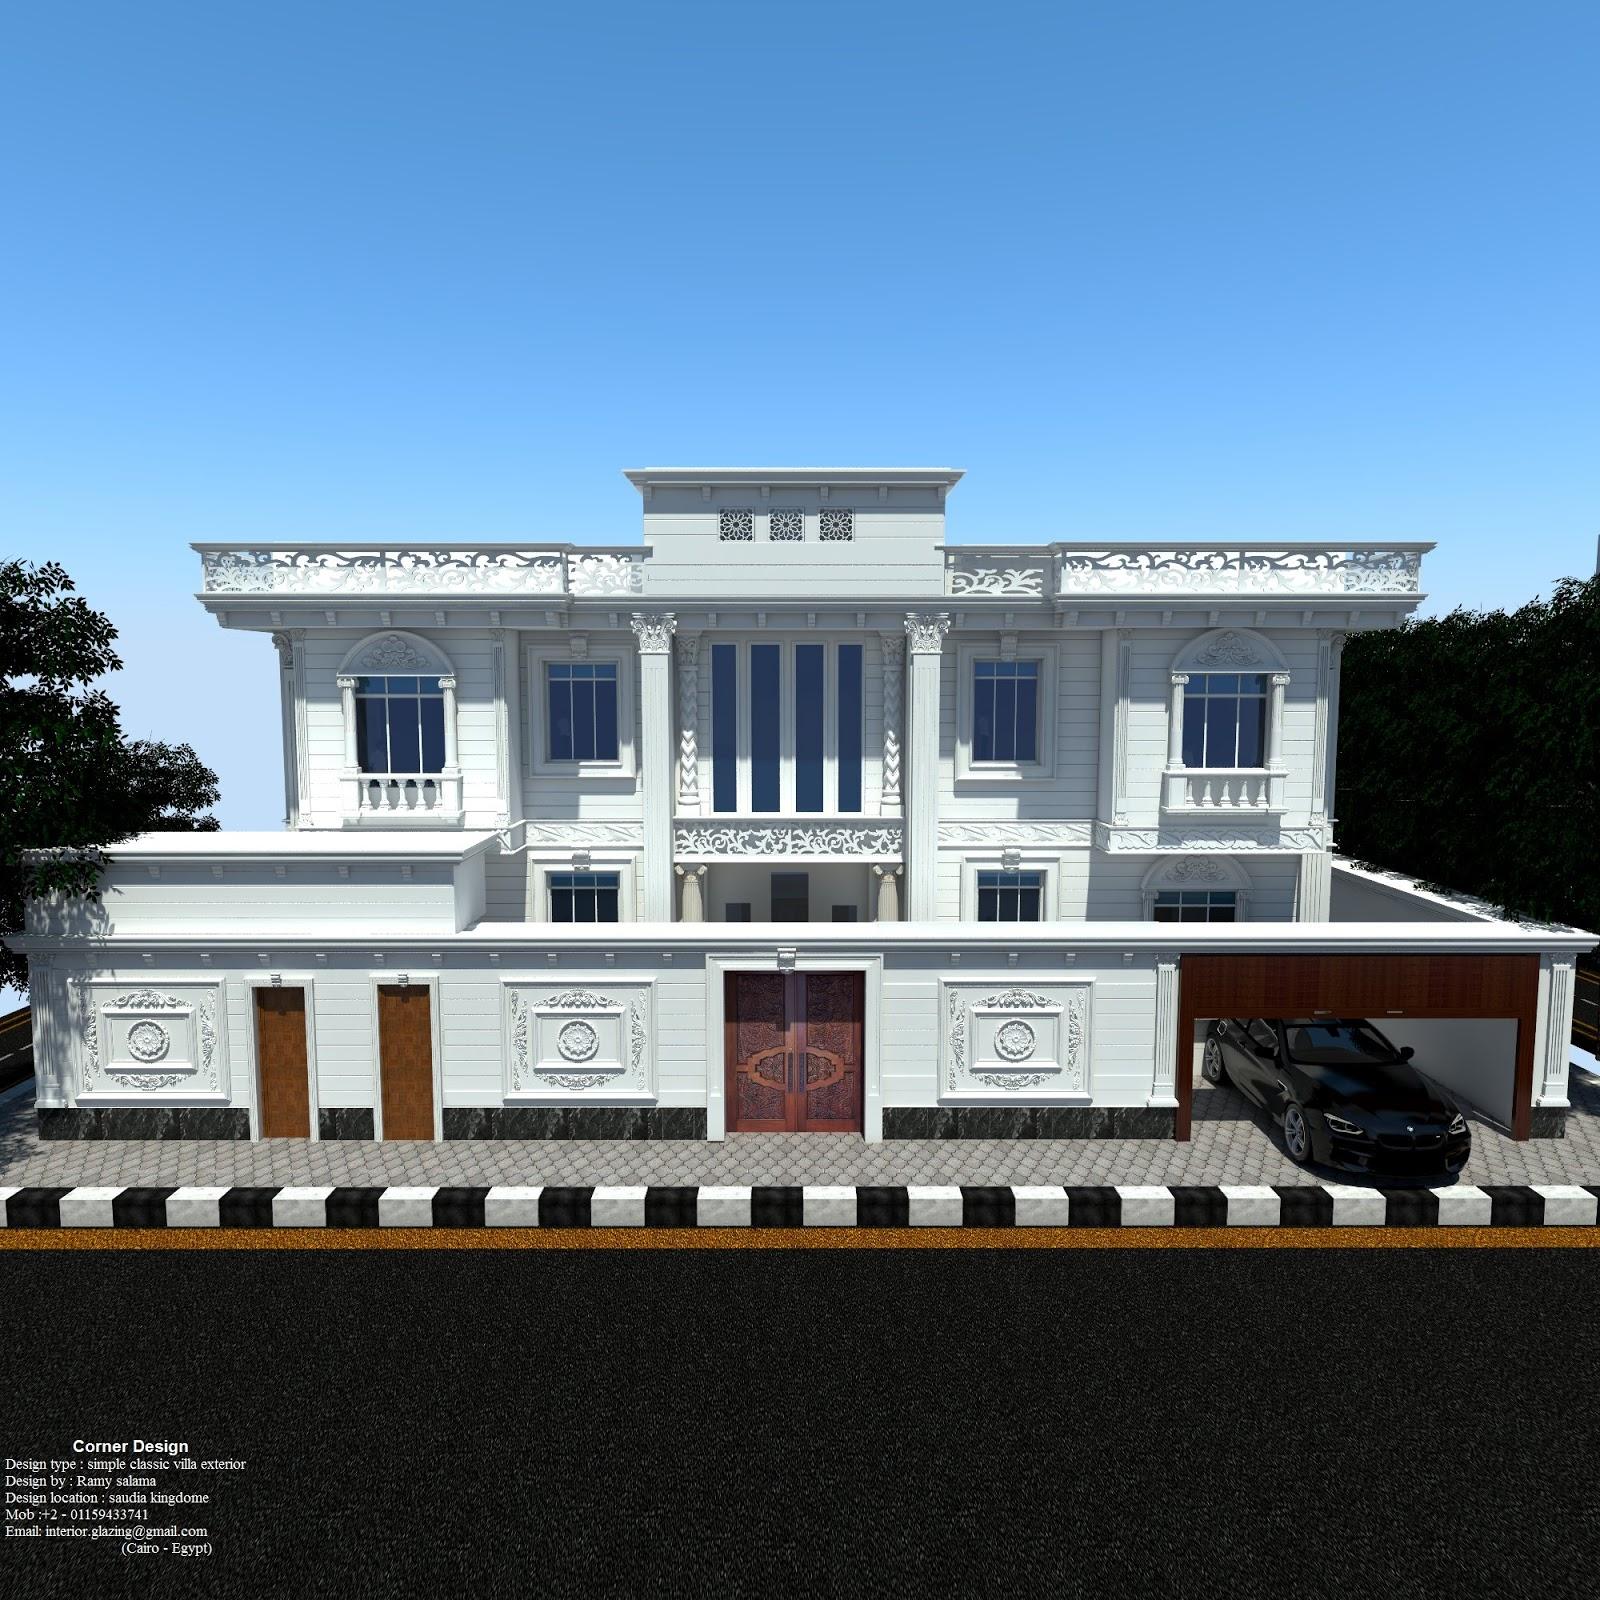 Corner design simple classic villa exterior design for Classic villa design